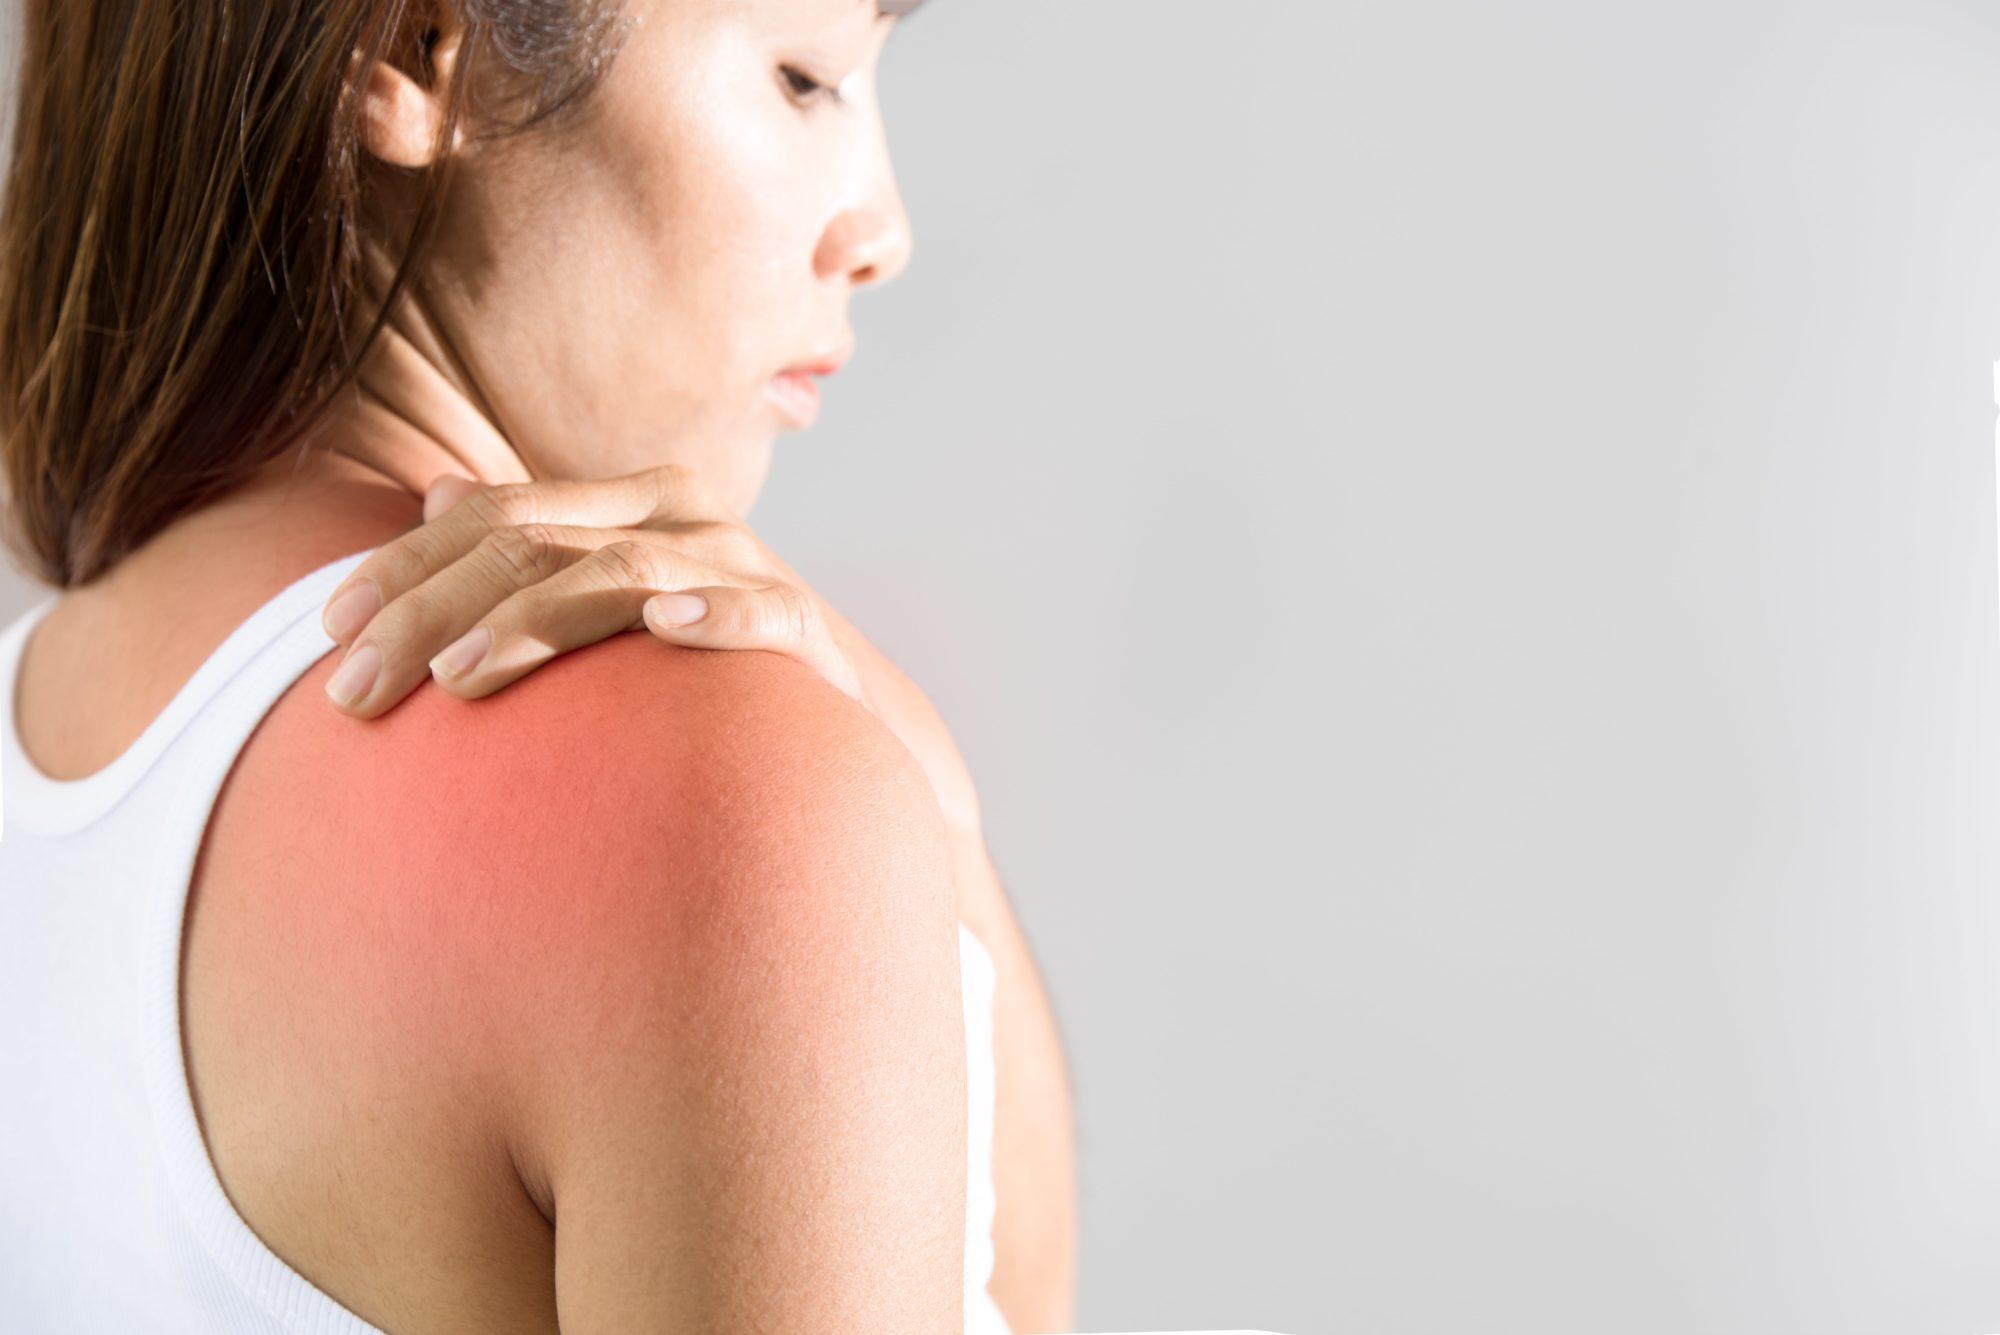 schouder pijn en schouder klachten behandelen in sport medisch centrum papendal